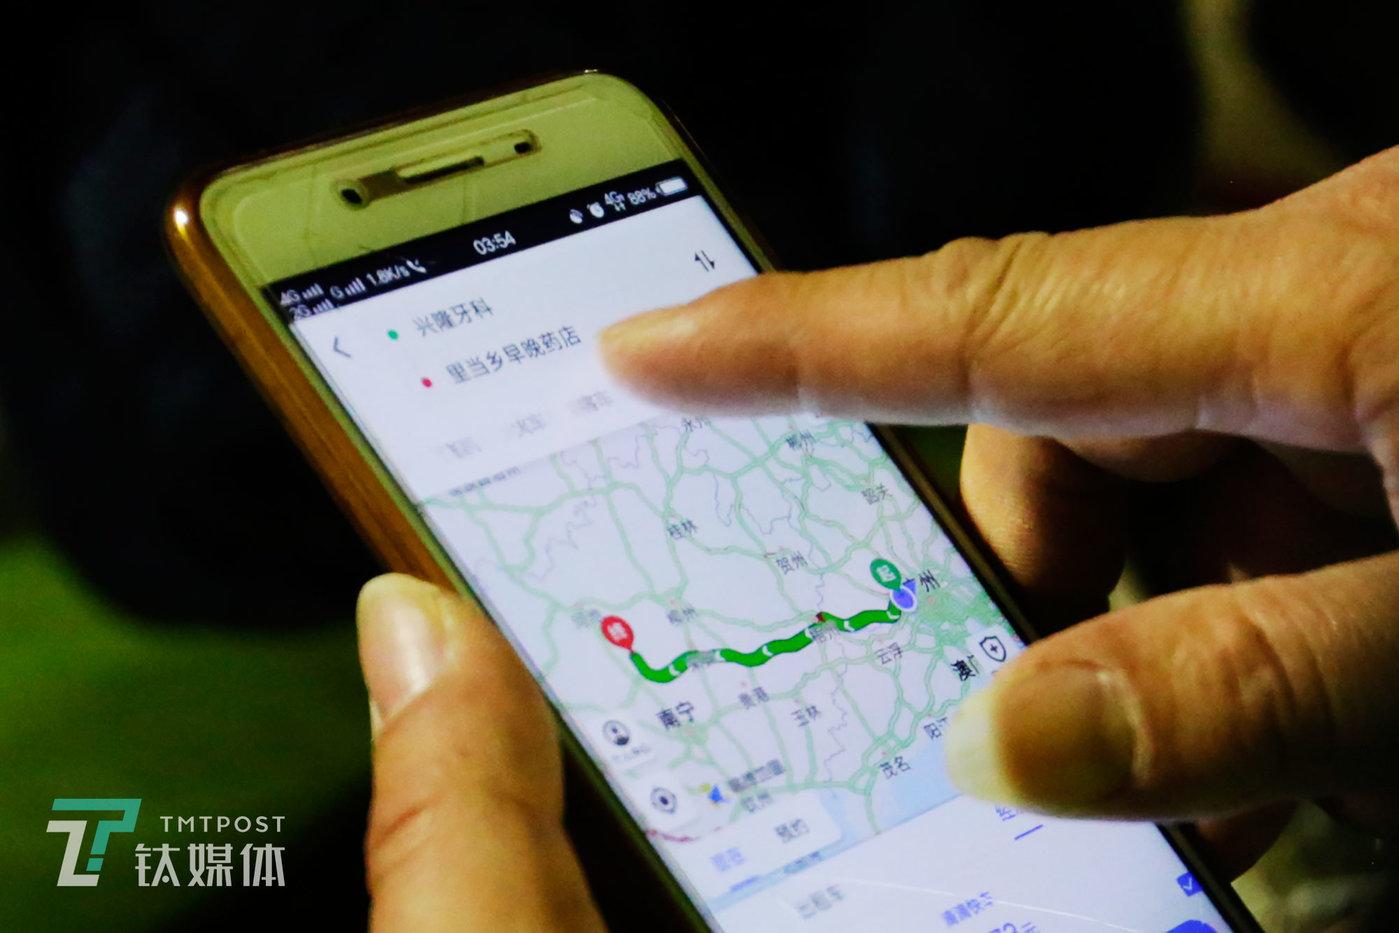 从苏宏杰的工厂宿舍附近到他老家南宁马山县里当乡,一路沿着国道省道县道,骑行路程约为700公里。苏宏杰选择凌晨出发,就是为了在当天晚上早点到家。这一趟他预计要骑行15到18个小时。